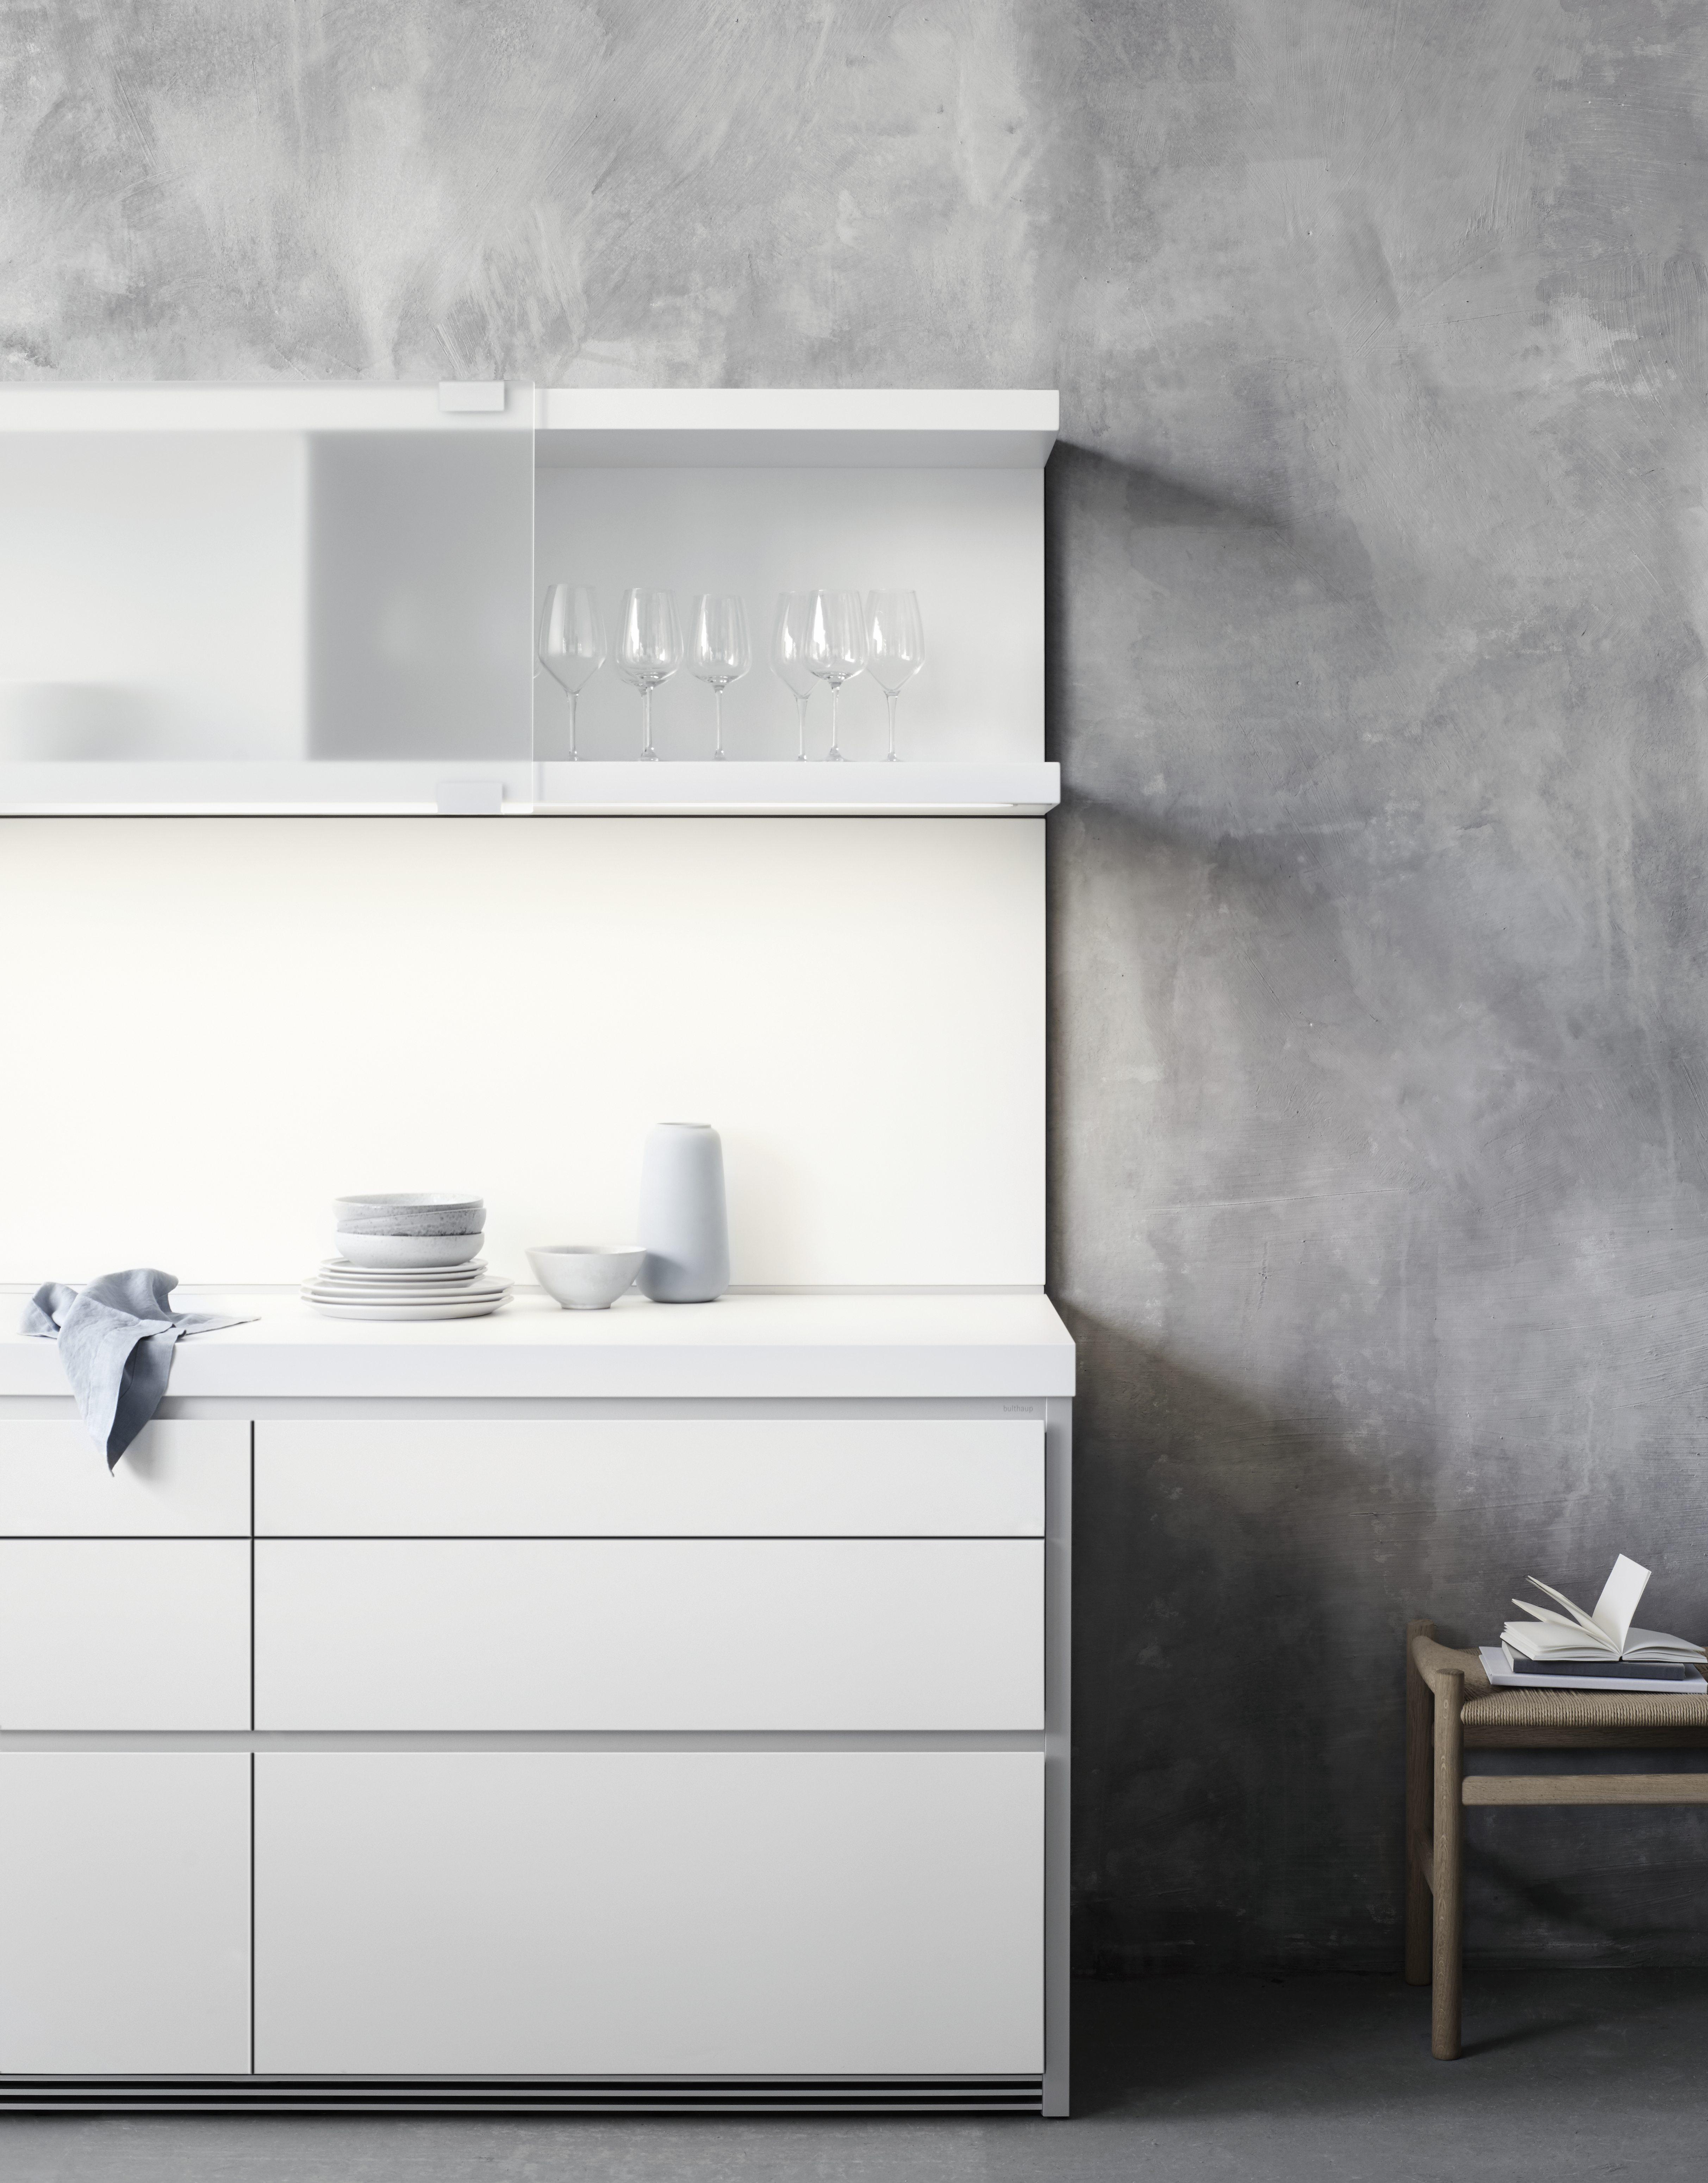 Bulthaup Küchen Berlin ausgezeichnet bulthaup küchen berlin galerie die designideen für